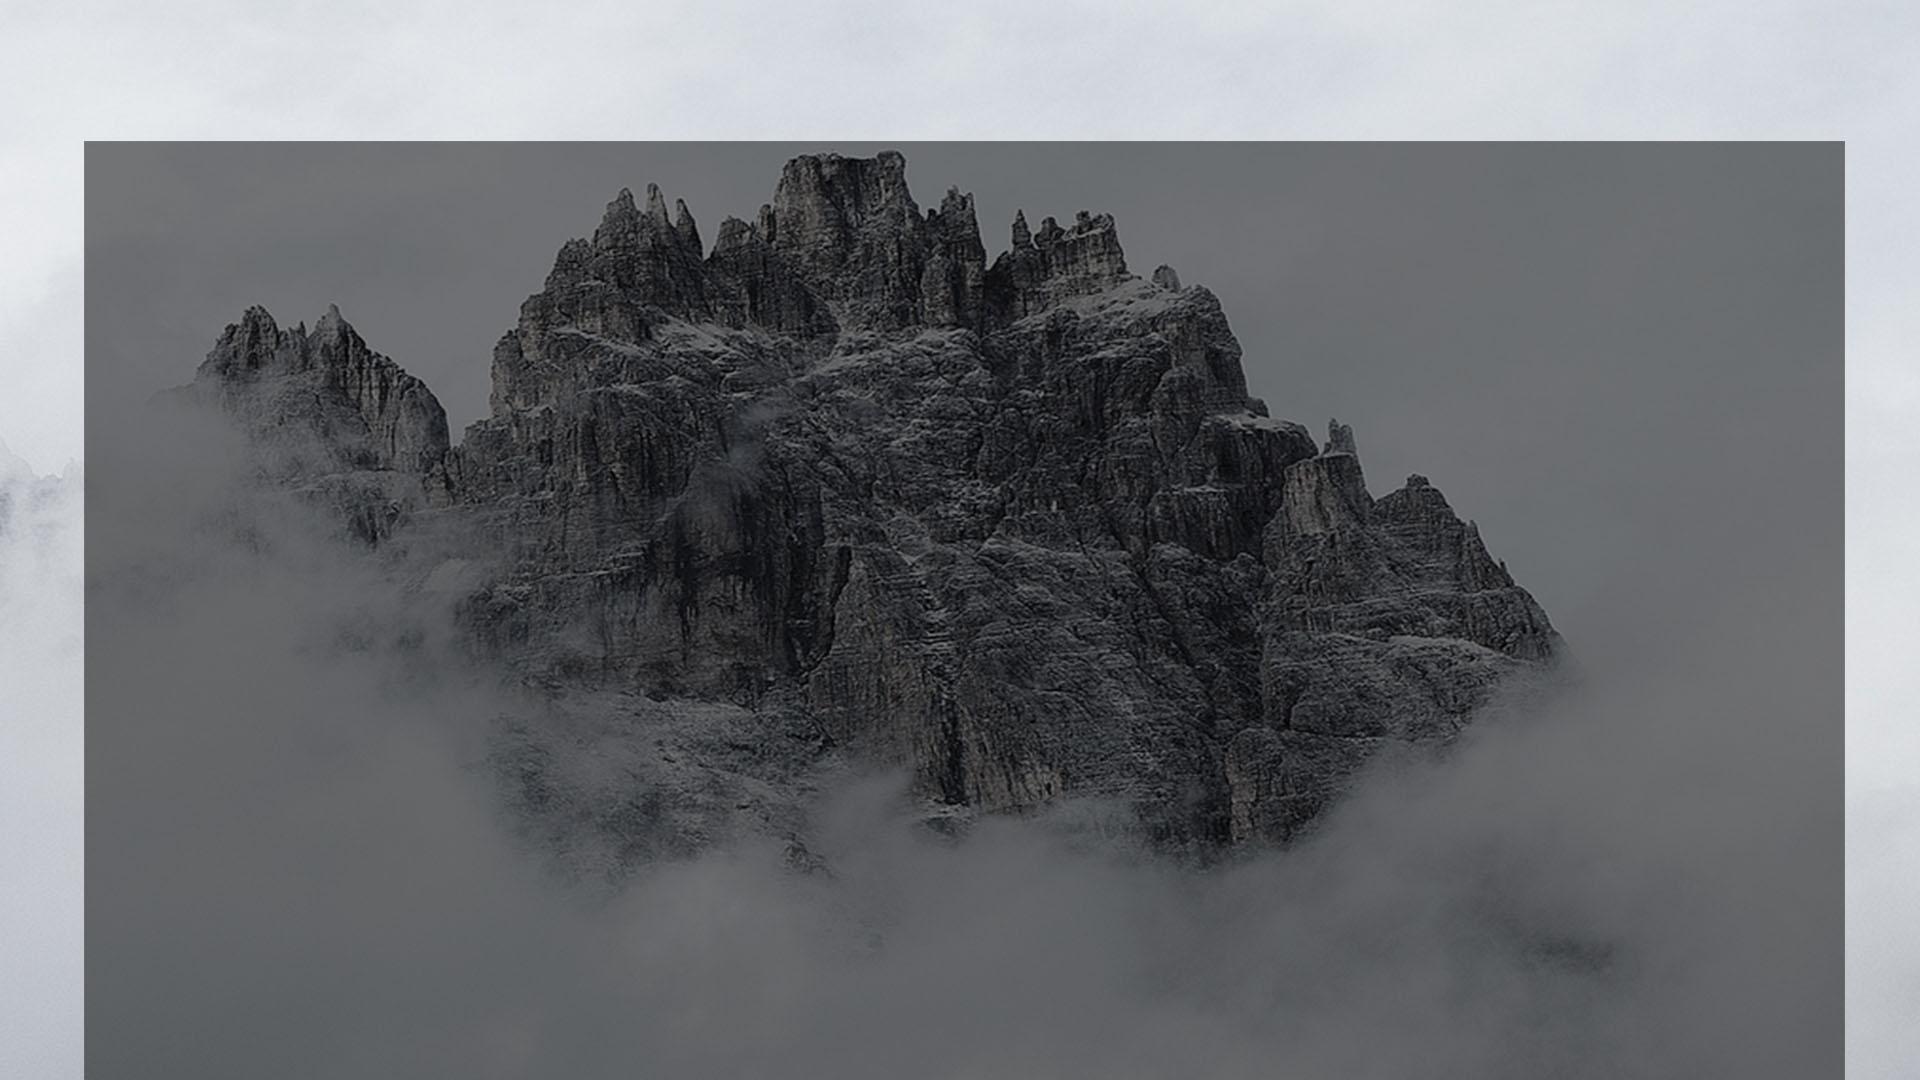 Abenteuer digitale Zukunft – Staffel 2: Wie du als Experte zum Gipfelstürmer wirst